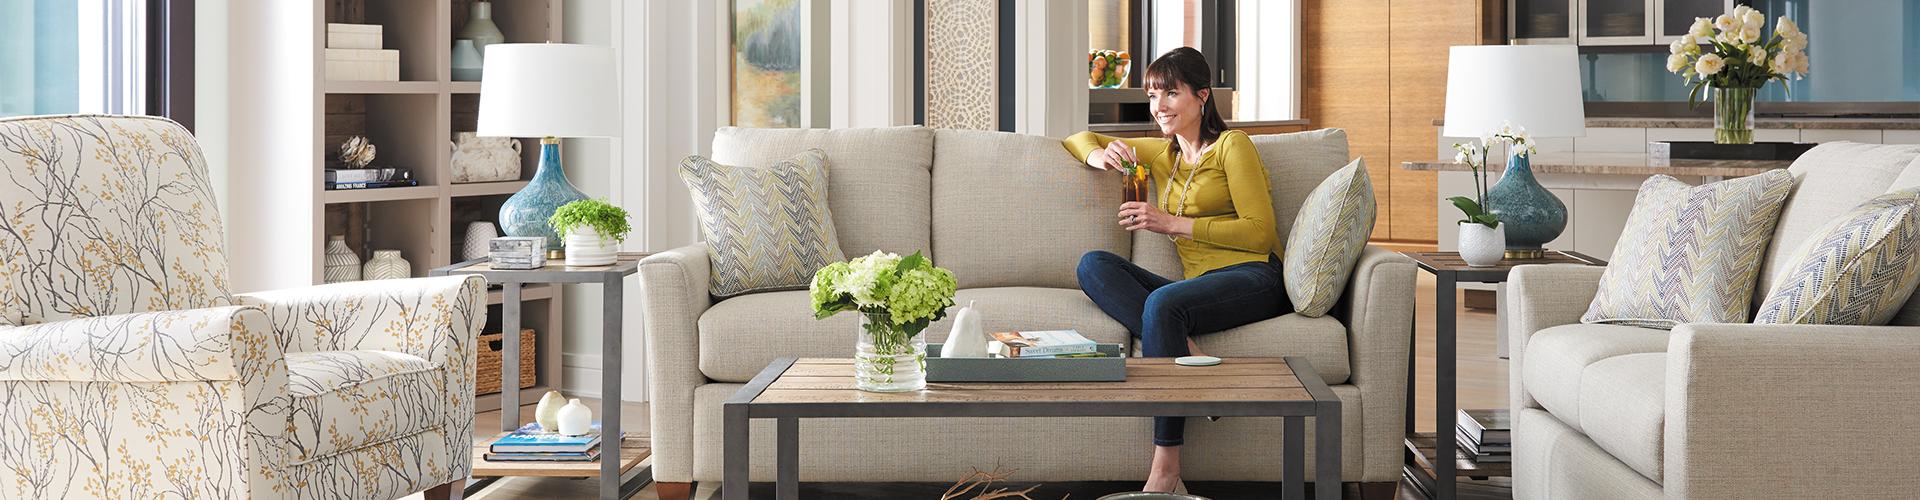 Book your free interior design consultation for Free interior design consultation